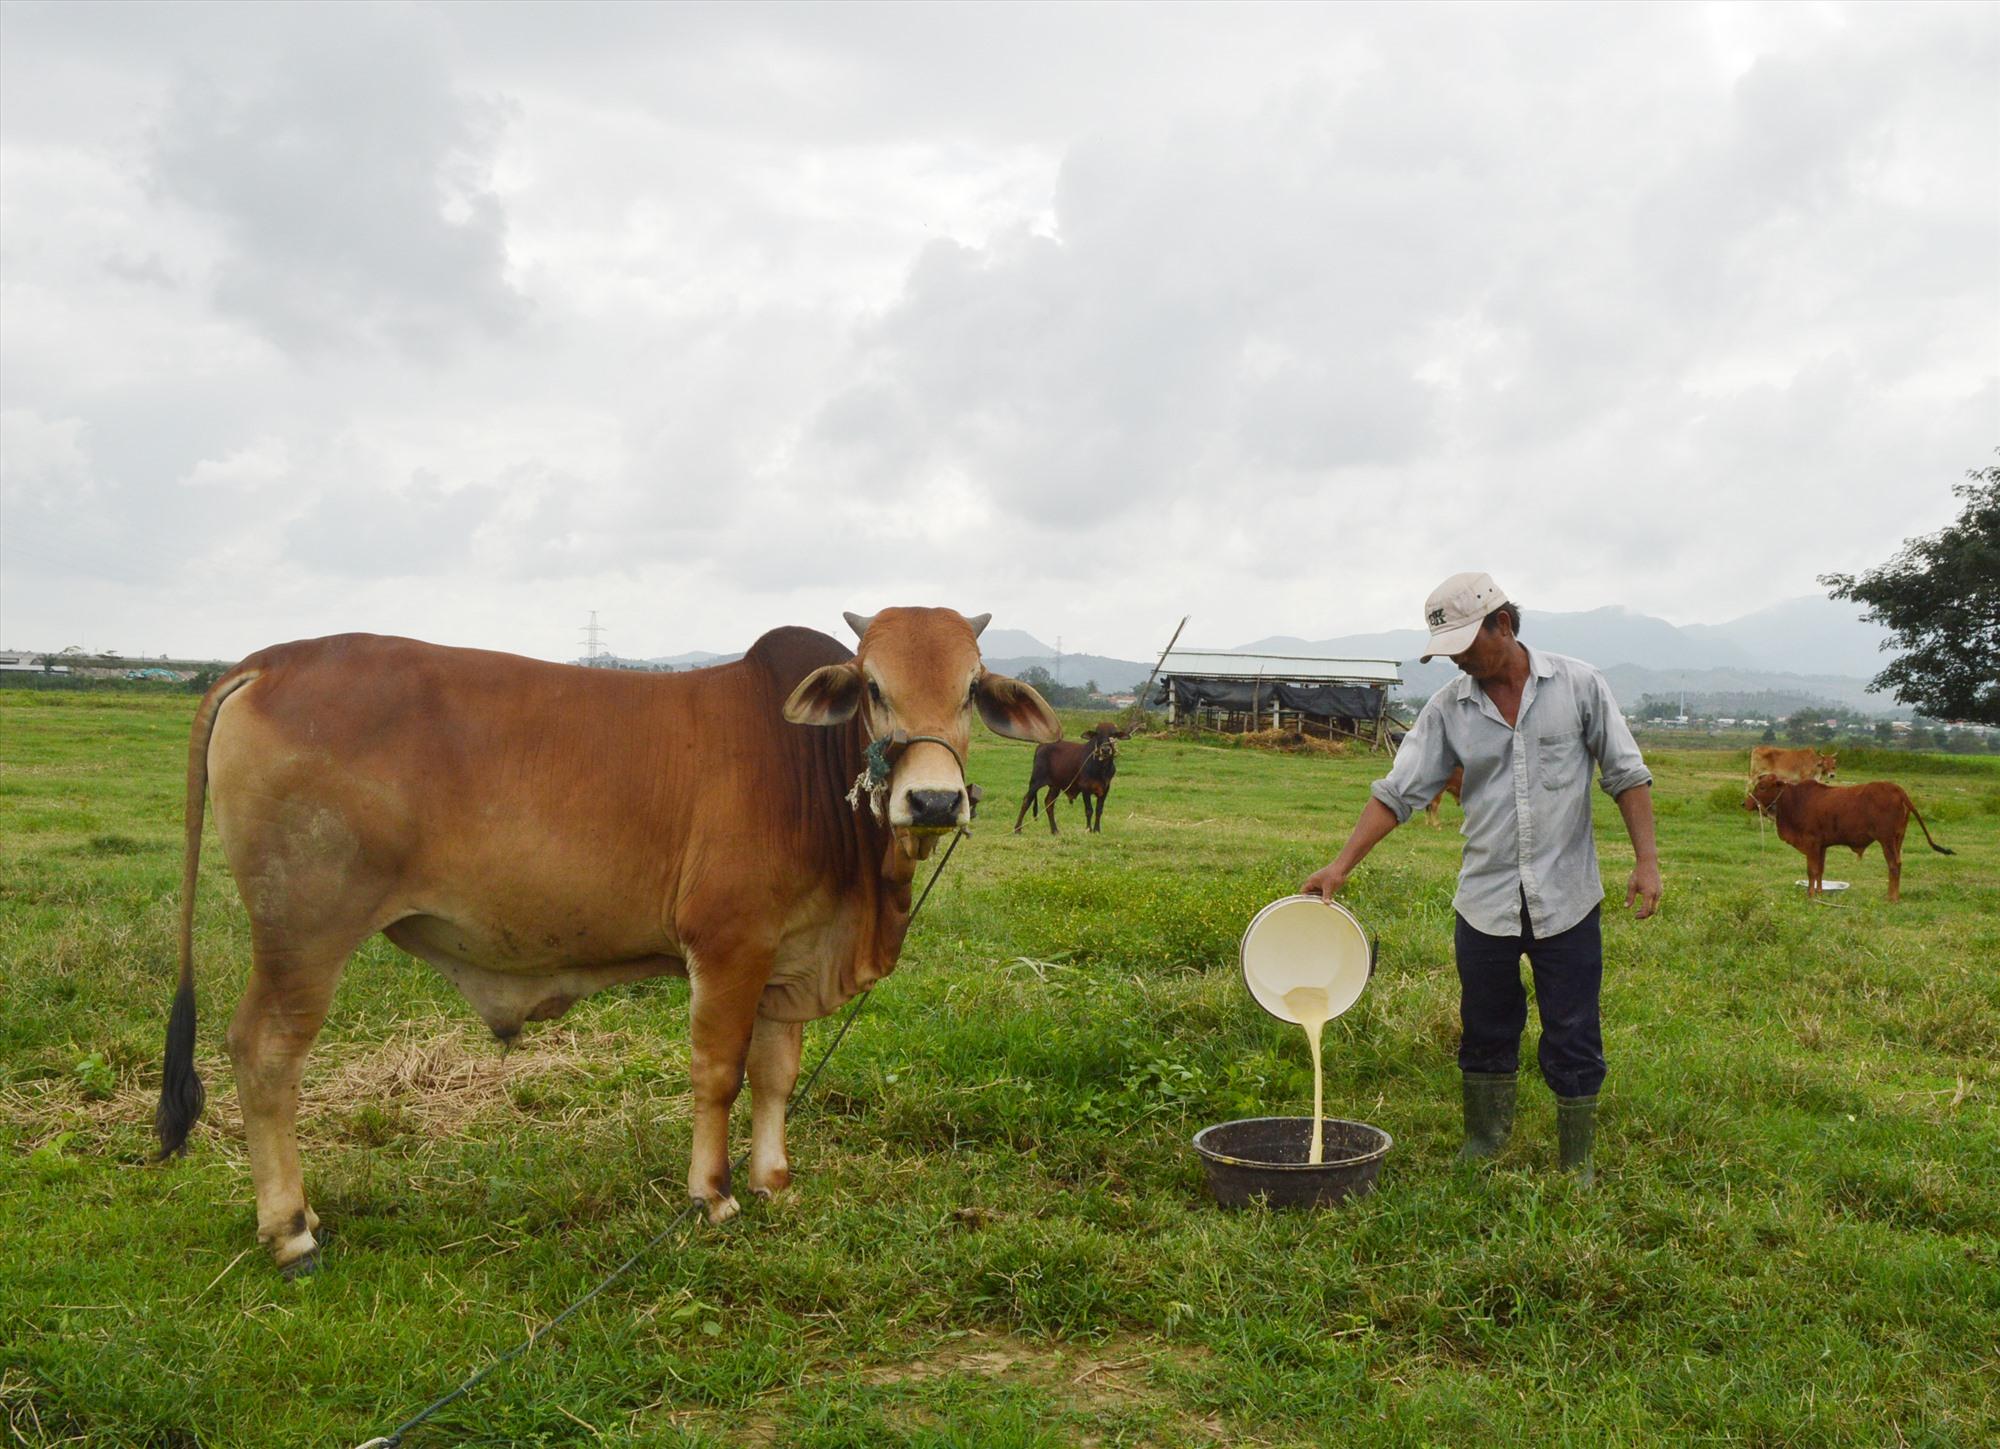 Mô hình chăn nuôi, sản xuất tập trung ở Điện Bàn được kỳ vọng mang lại hiệu quả kinh tế cao. Ảnh: G.K